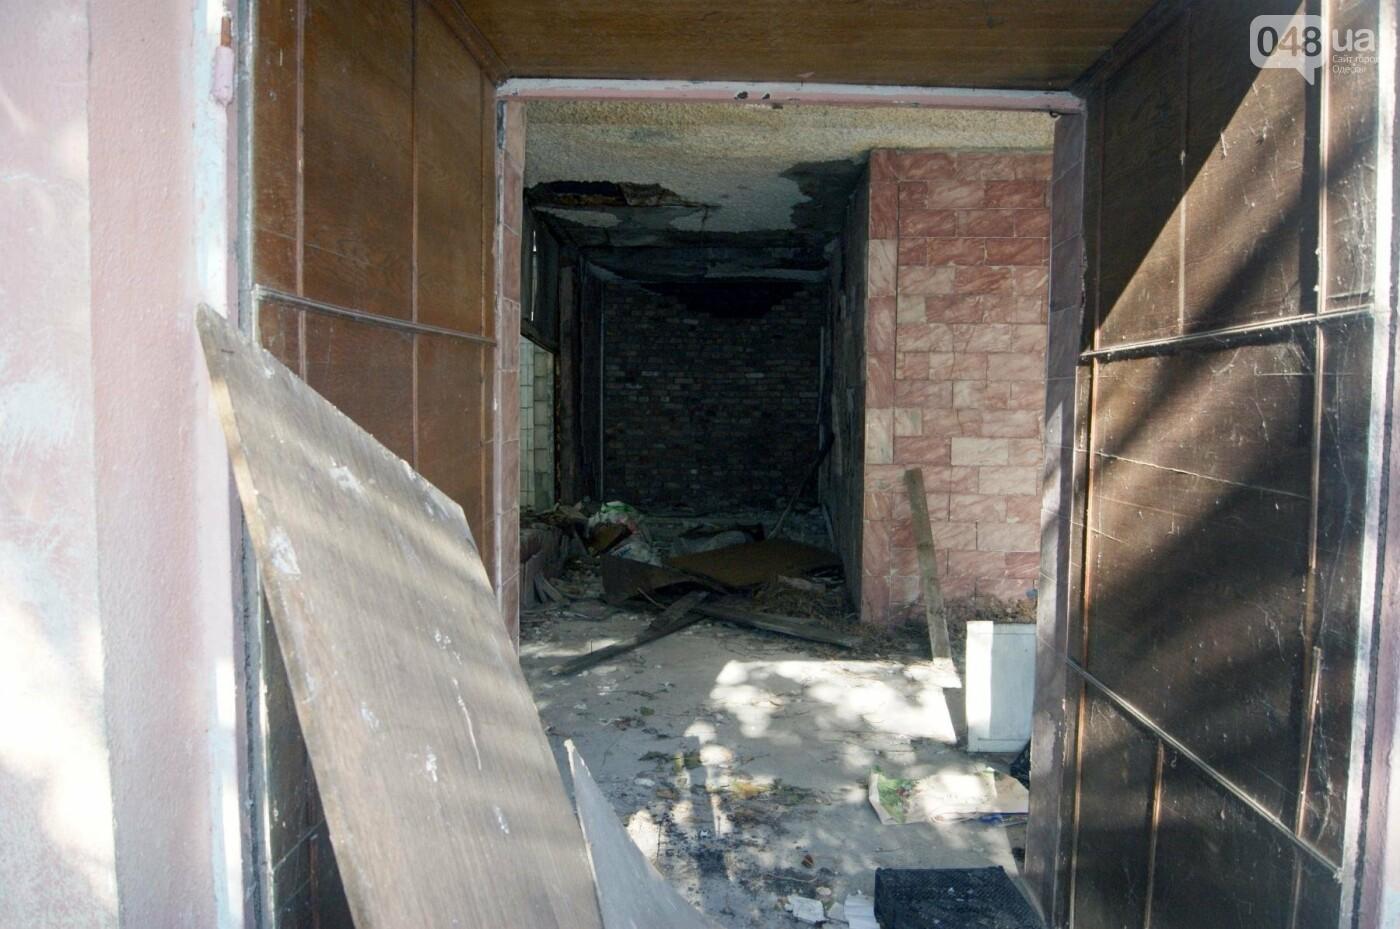 Одесский санаторий продолжает гореть до сих пор (ФОТО, ВИДЕО), фото-14